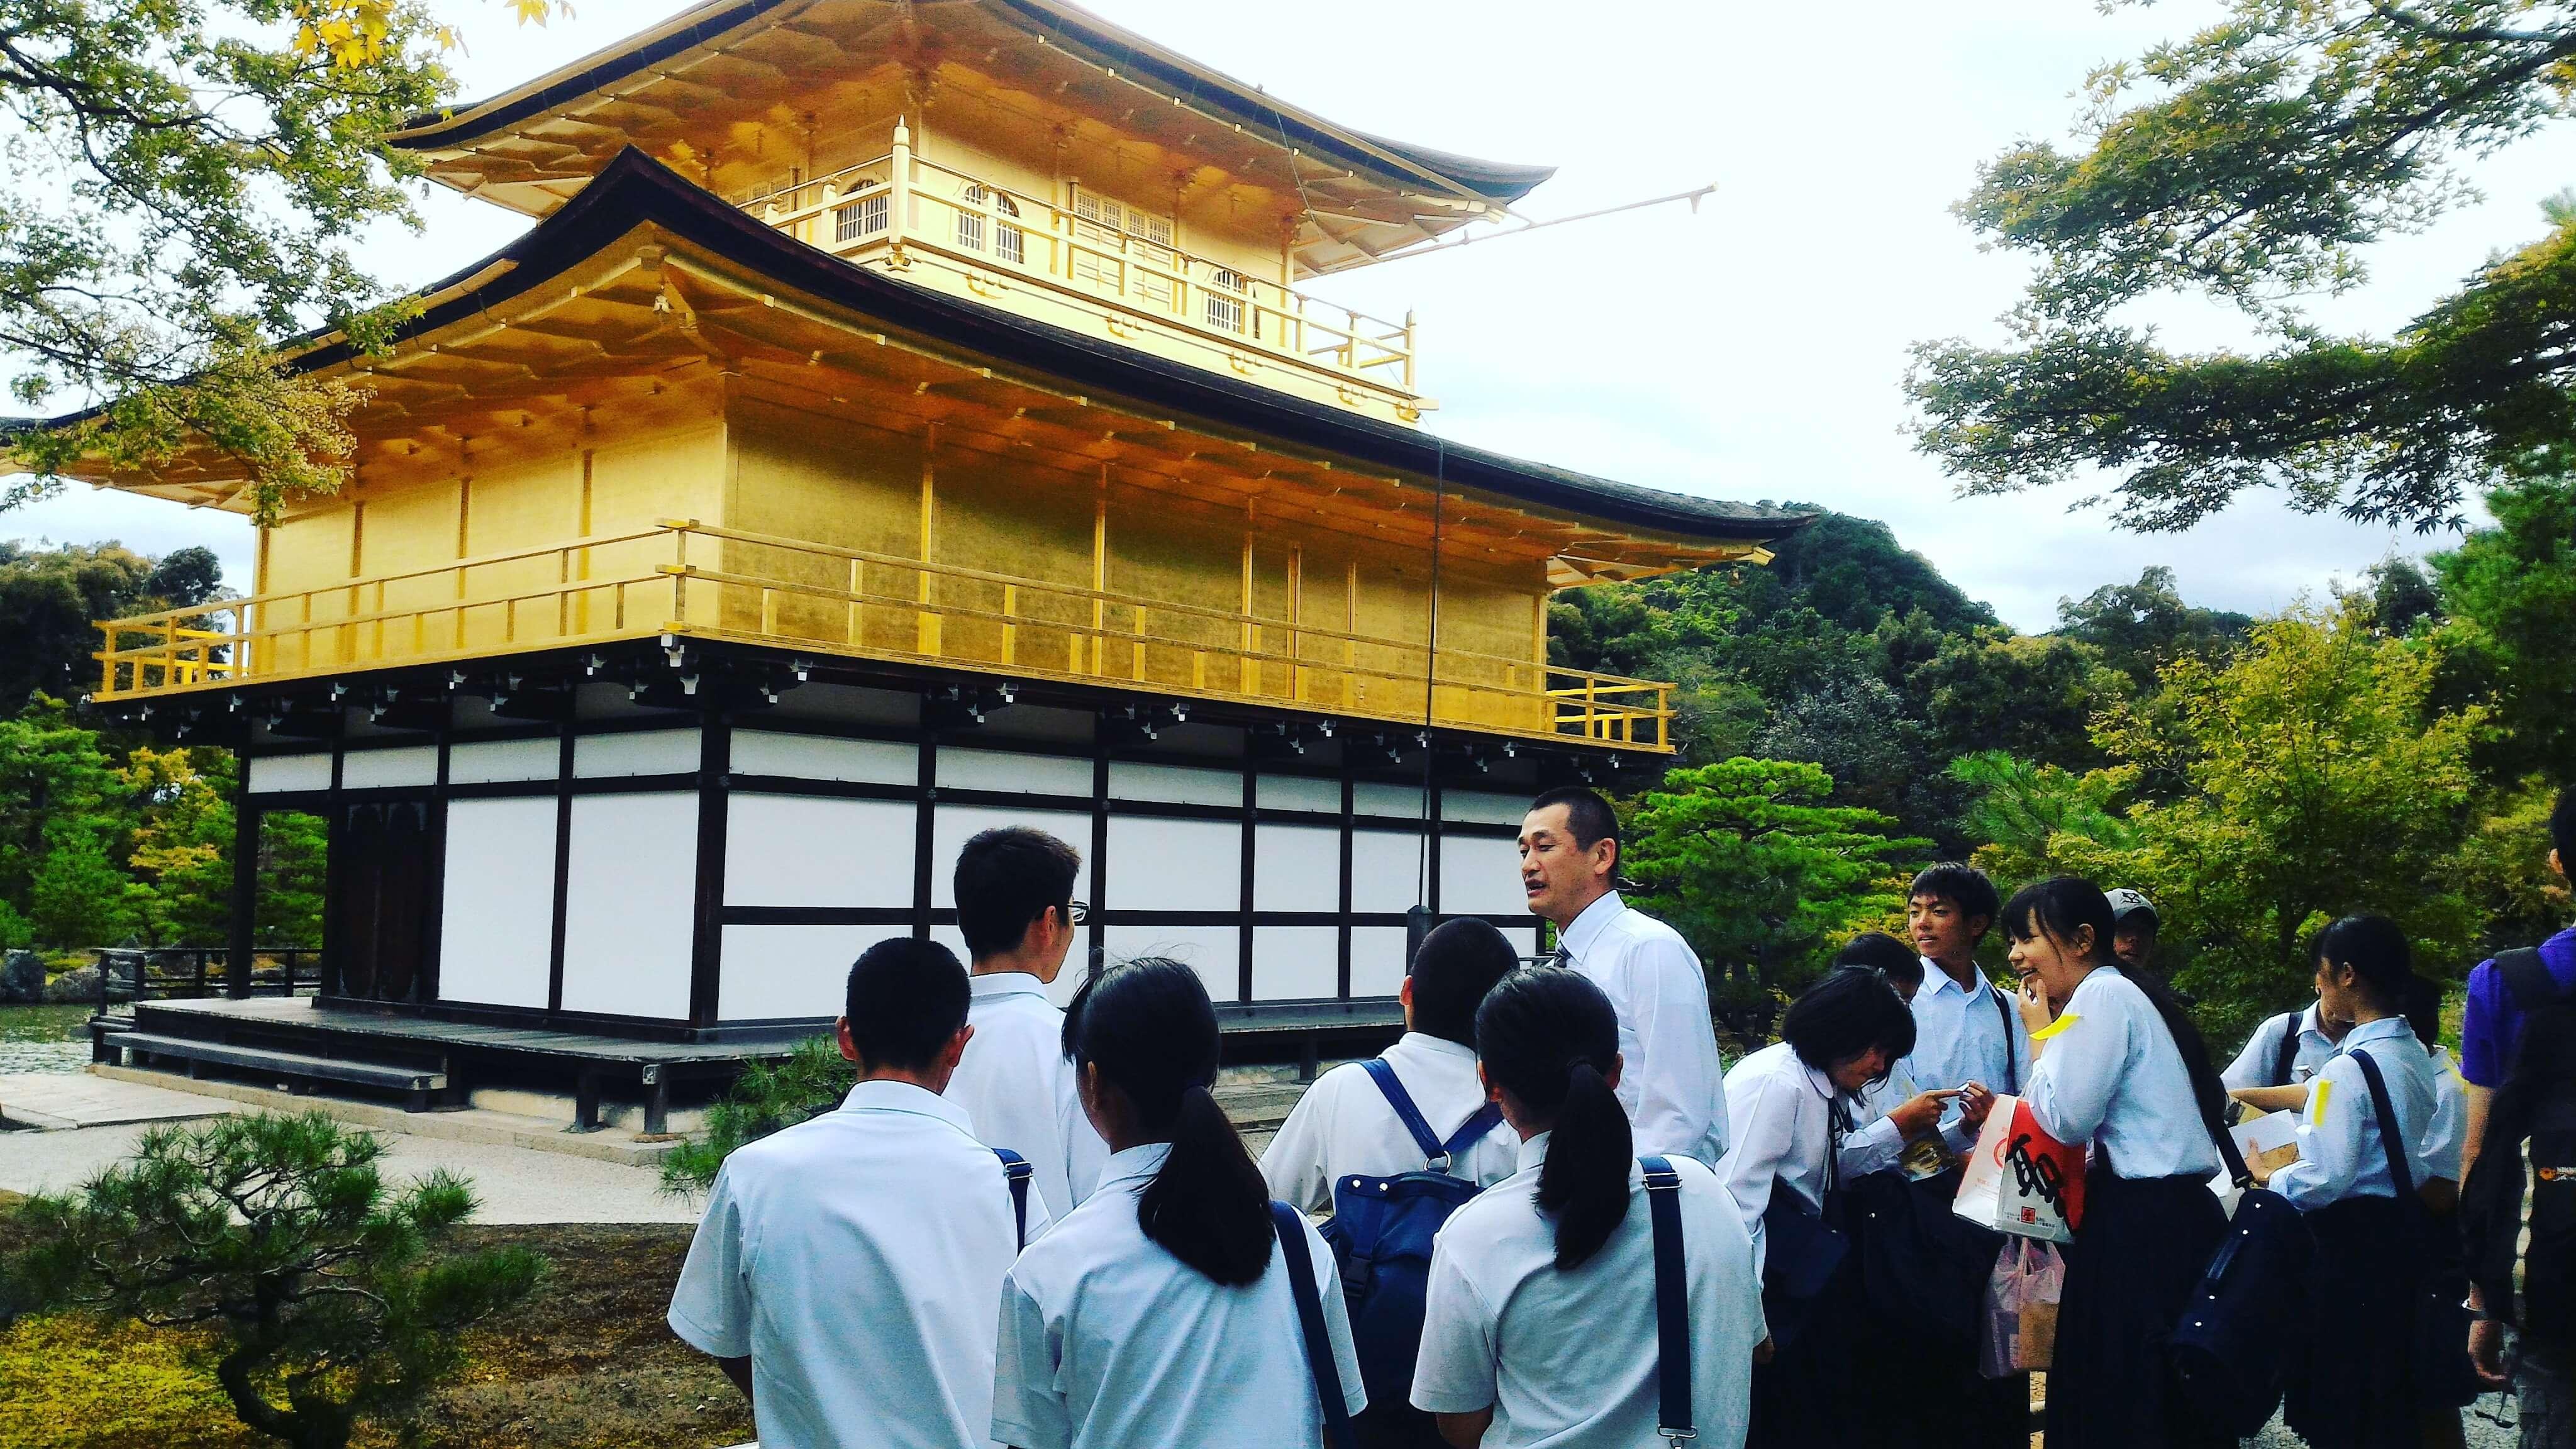 京都自由行-京都景點-京都住宿-大阪自由行-好多學生來考察